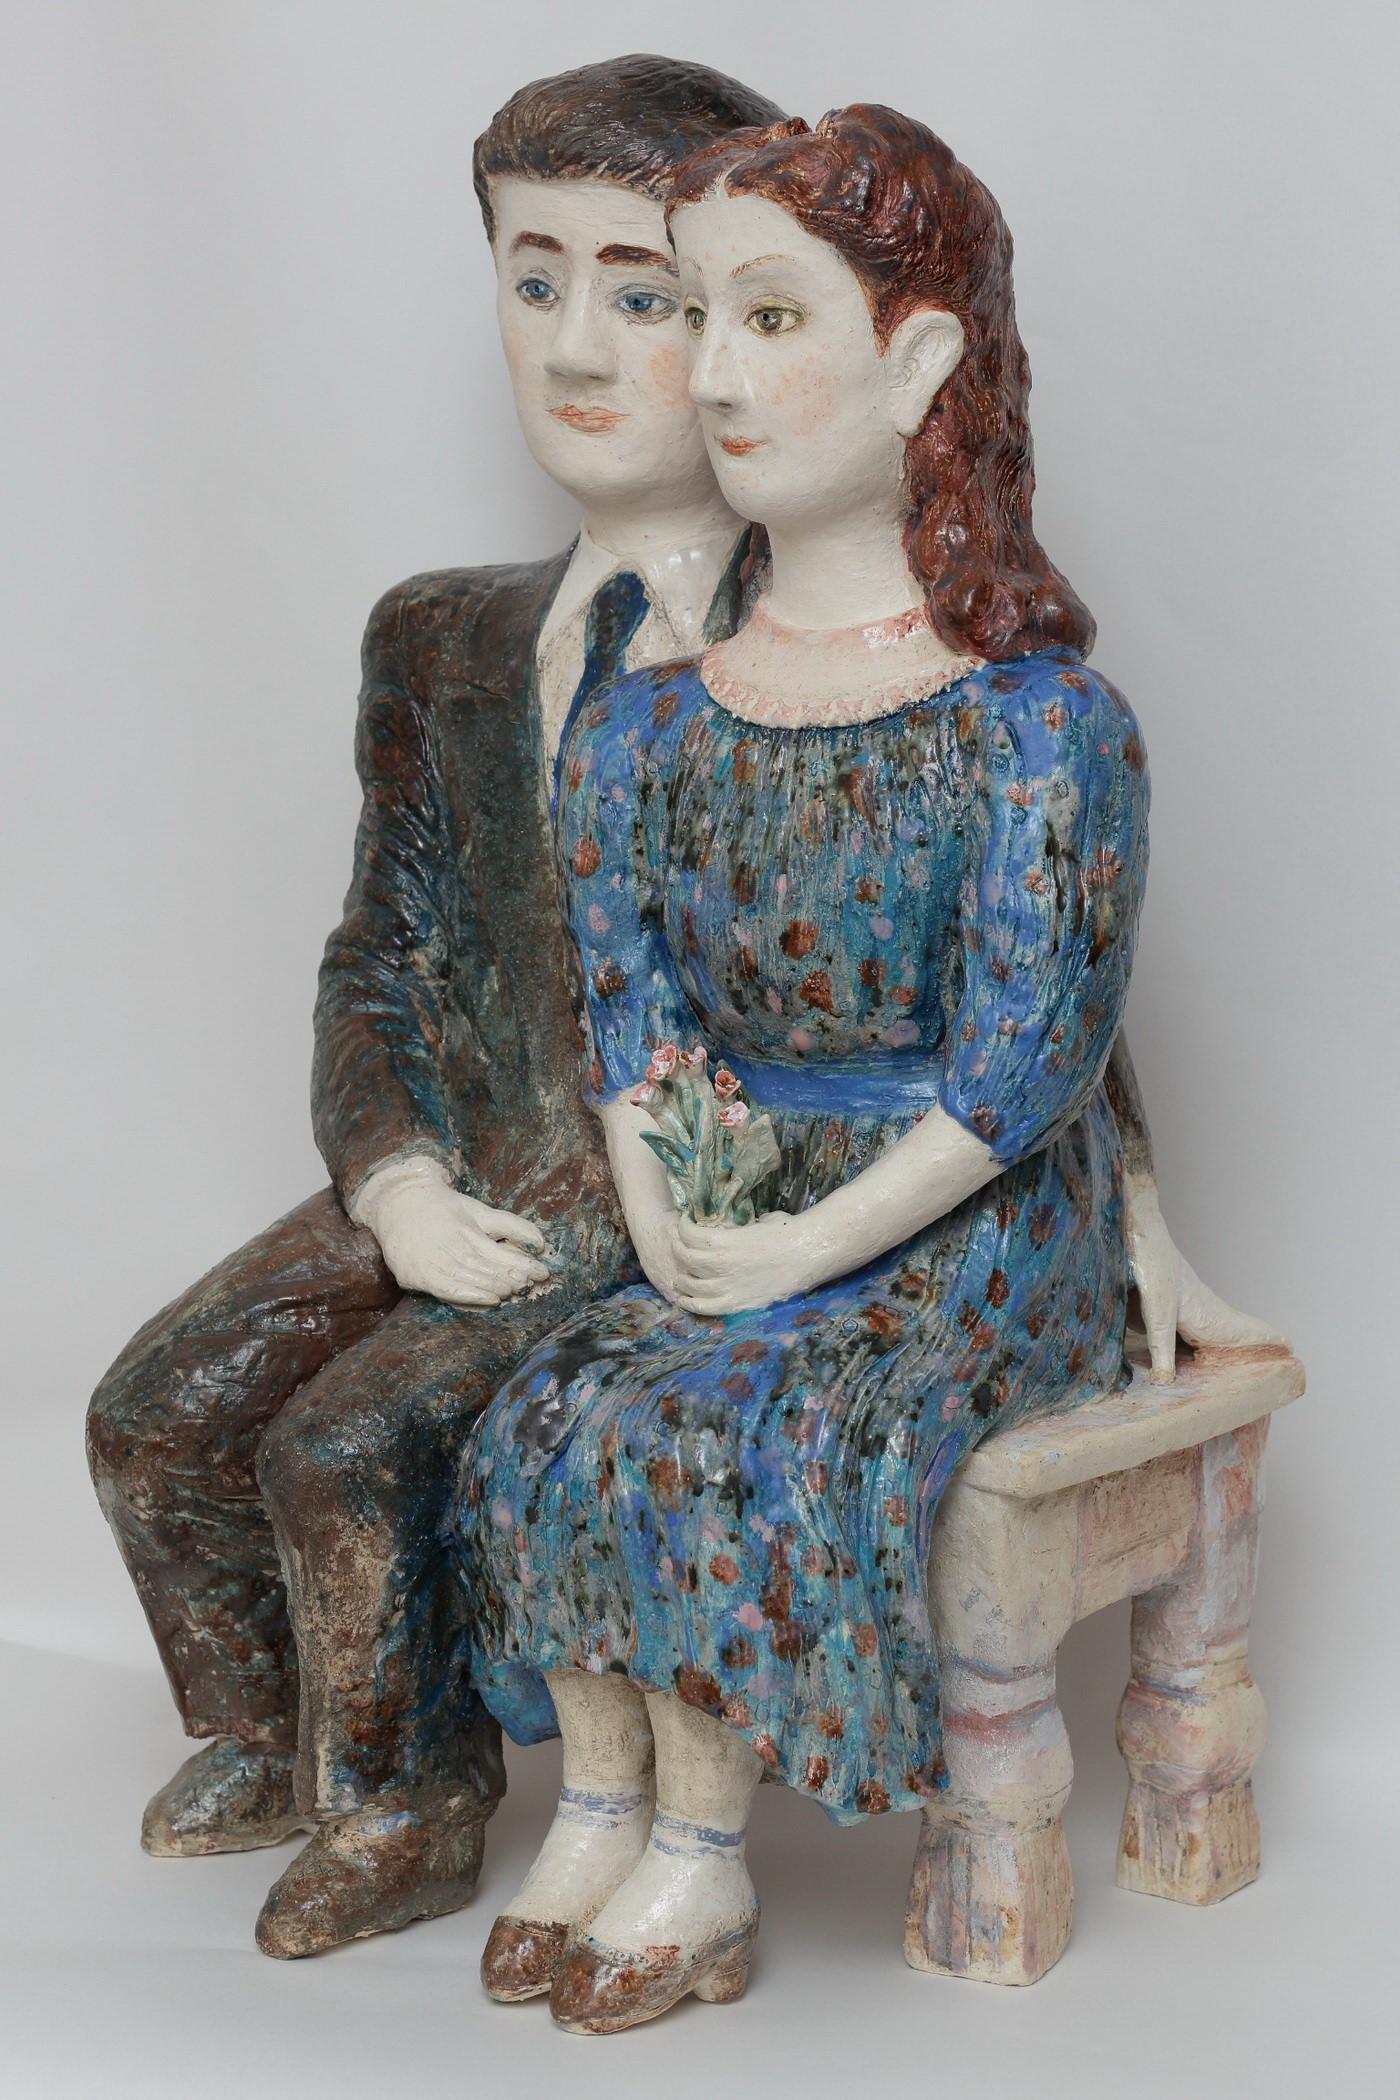 В. Кузнецова. Мои родители в 1947 году. 2013, шамот, ангобы, глазури. Высота 71 см